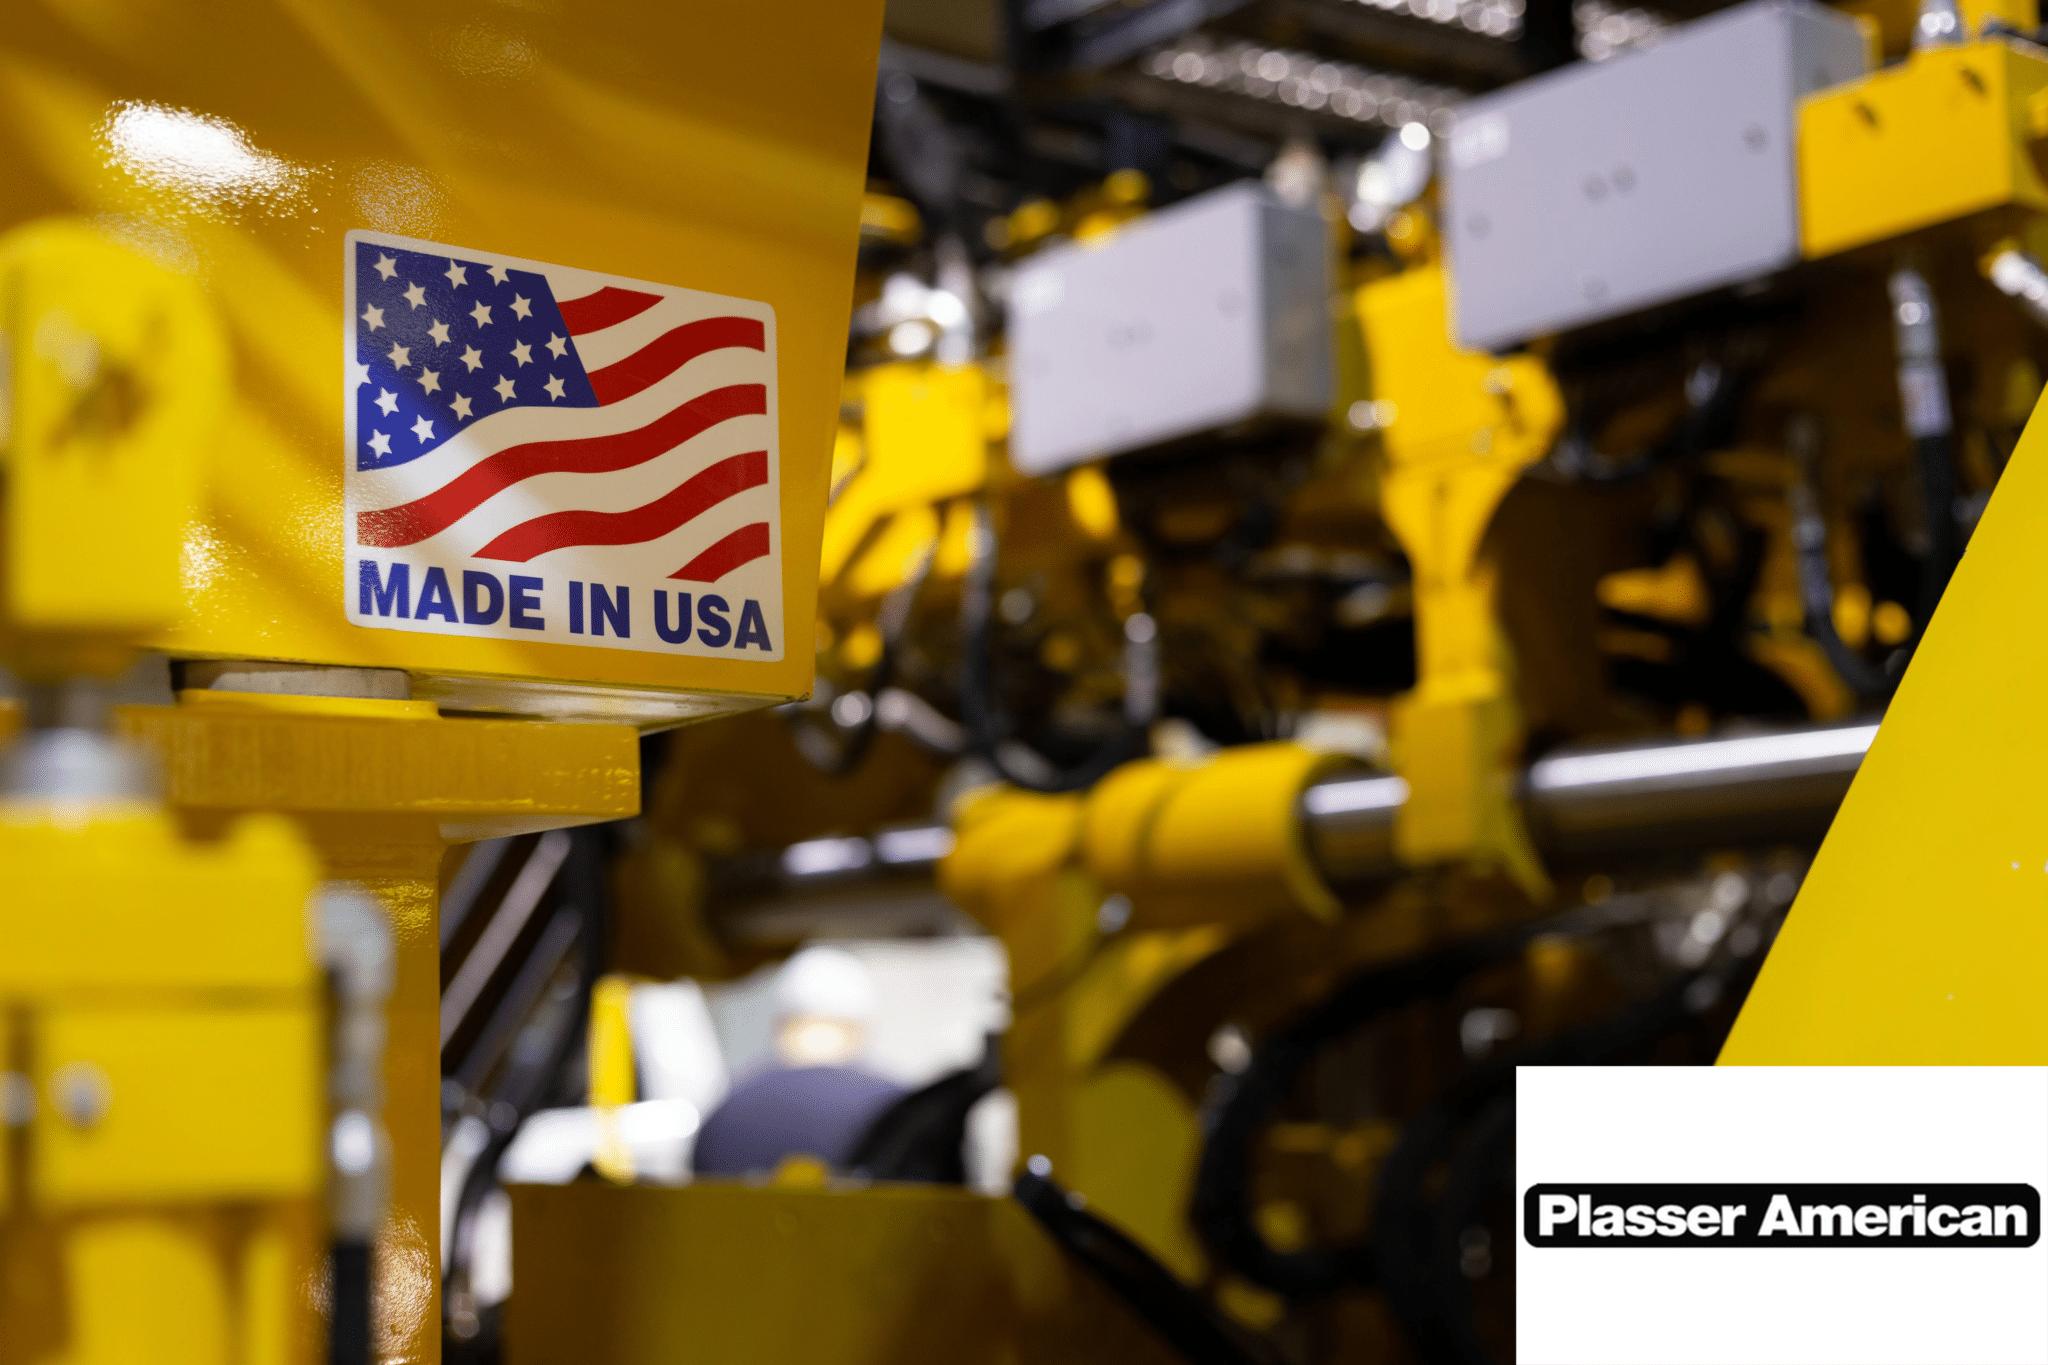 60% Effizienzsteigerung mit digitalen Mangelmanagement bei Plasser American.